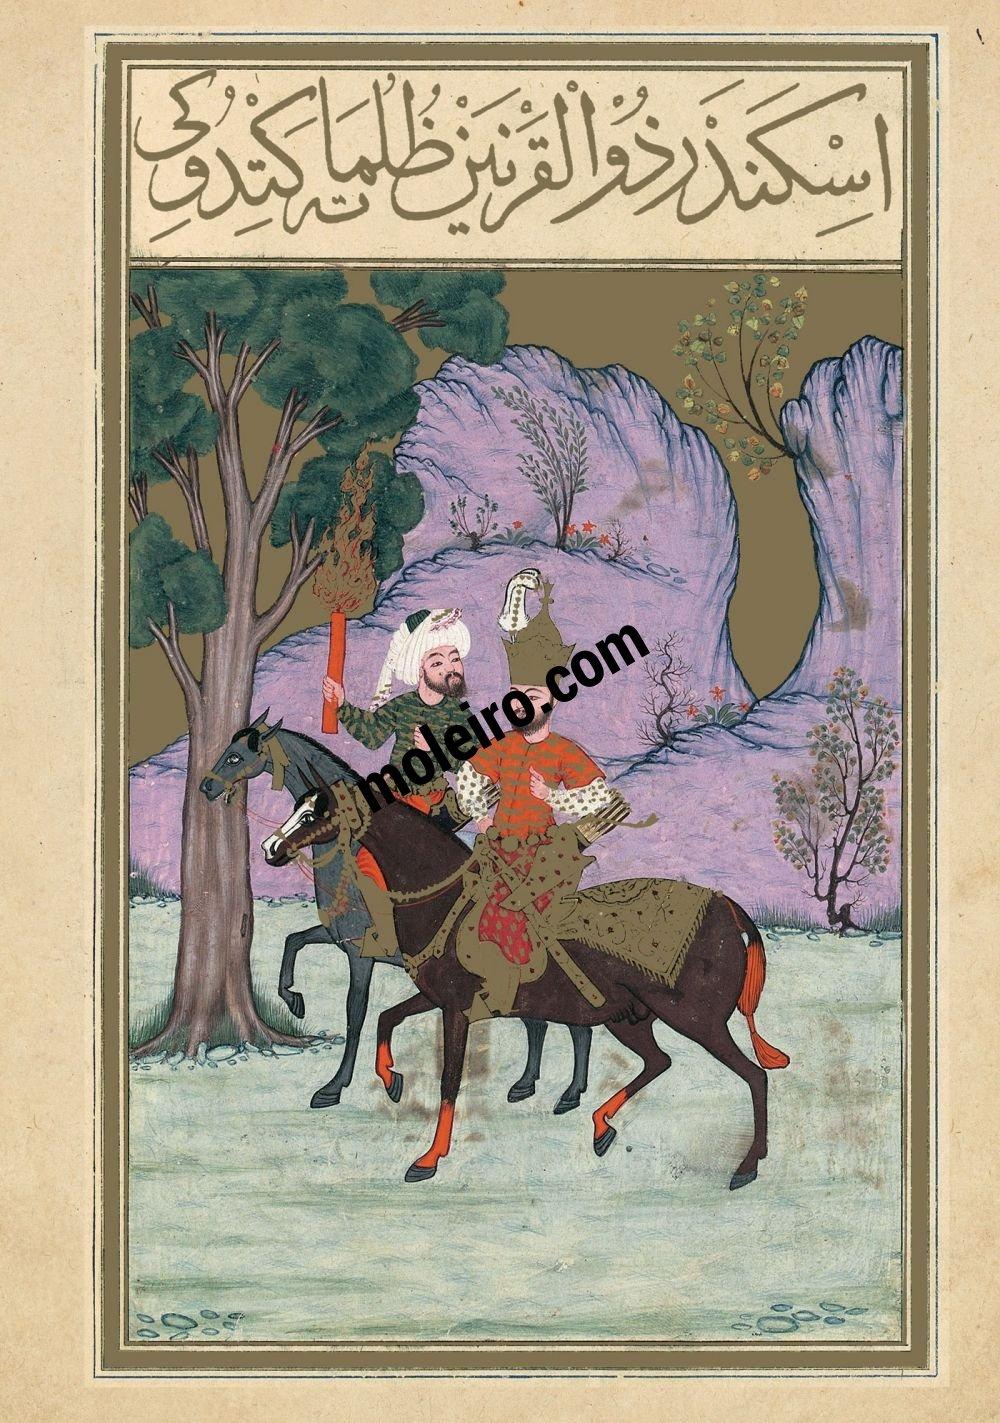 Le Livre du Bonheur f. 75v, Alexandre et Khidr pénètrent dans le Pays des Ténèbres